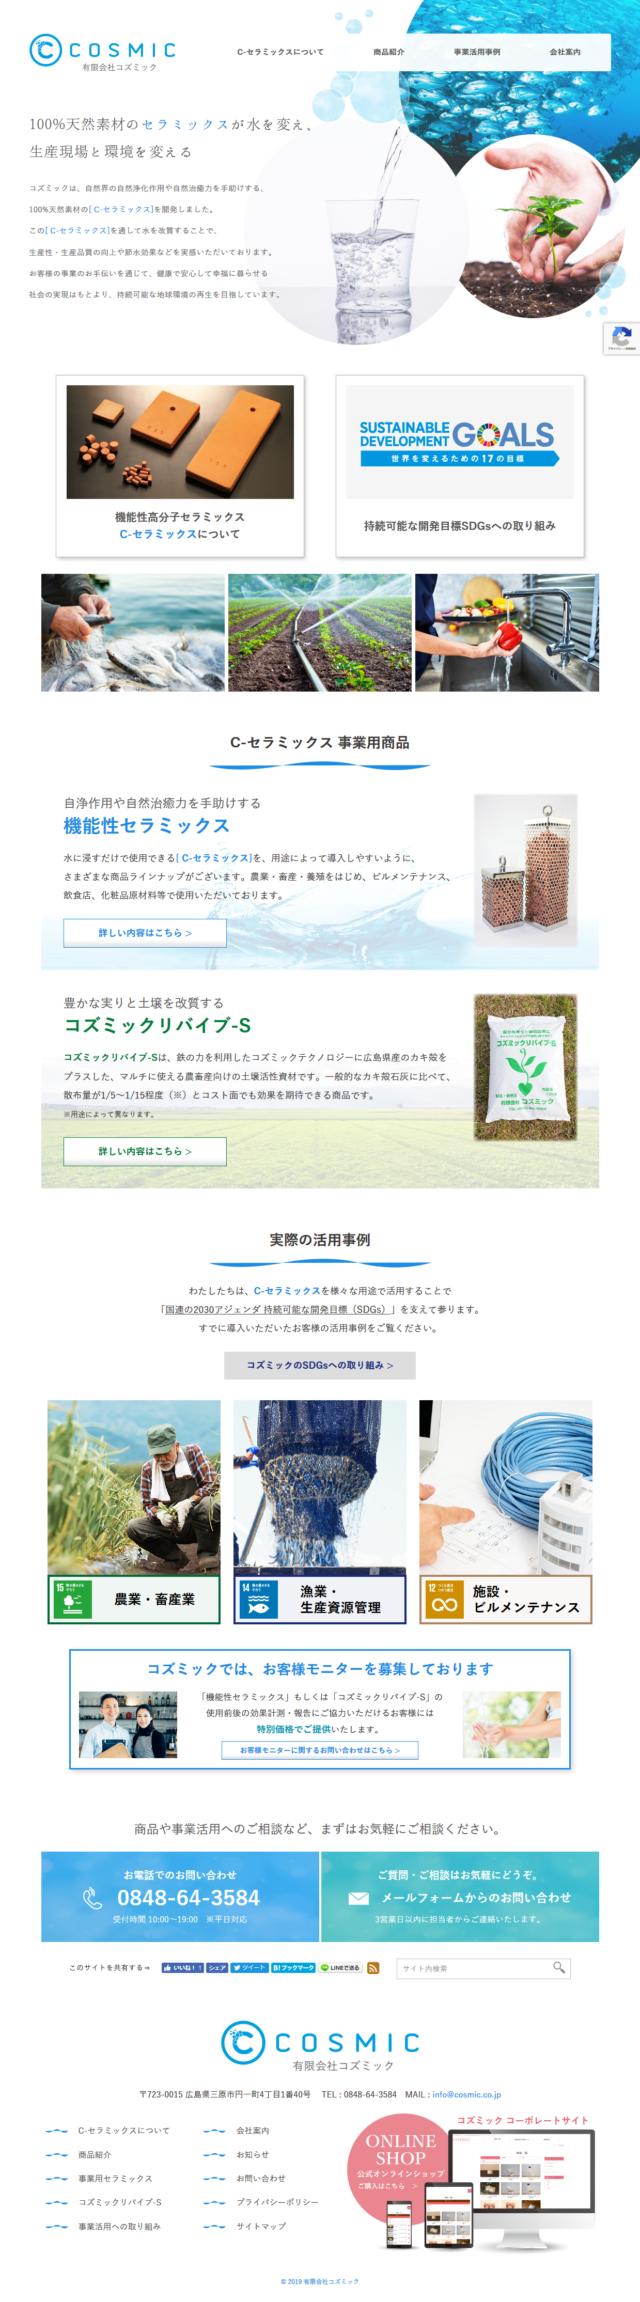 広島県三原市 セラミックス商品の製造・販売の有限会社コズミック 様